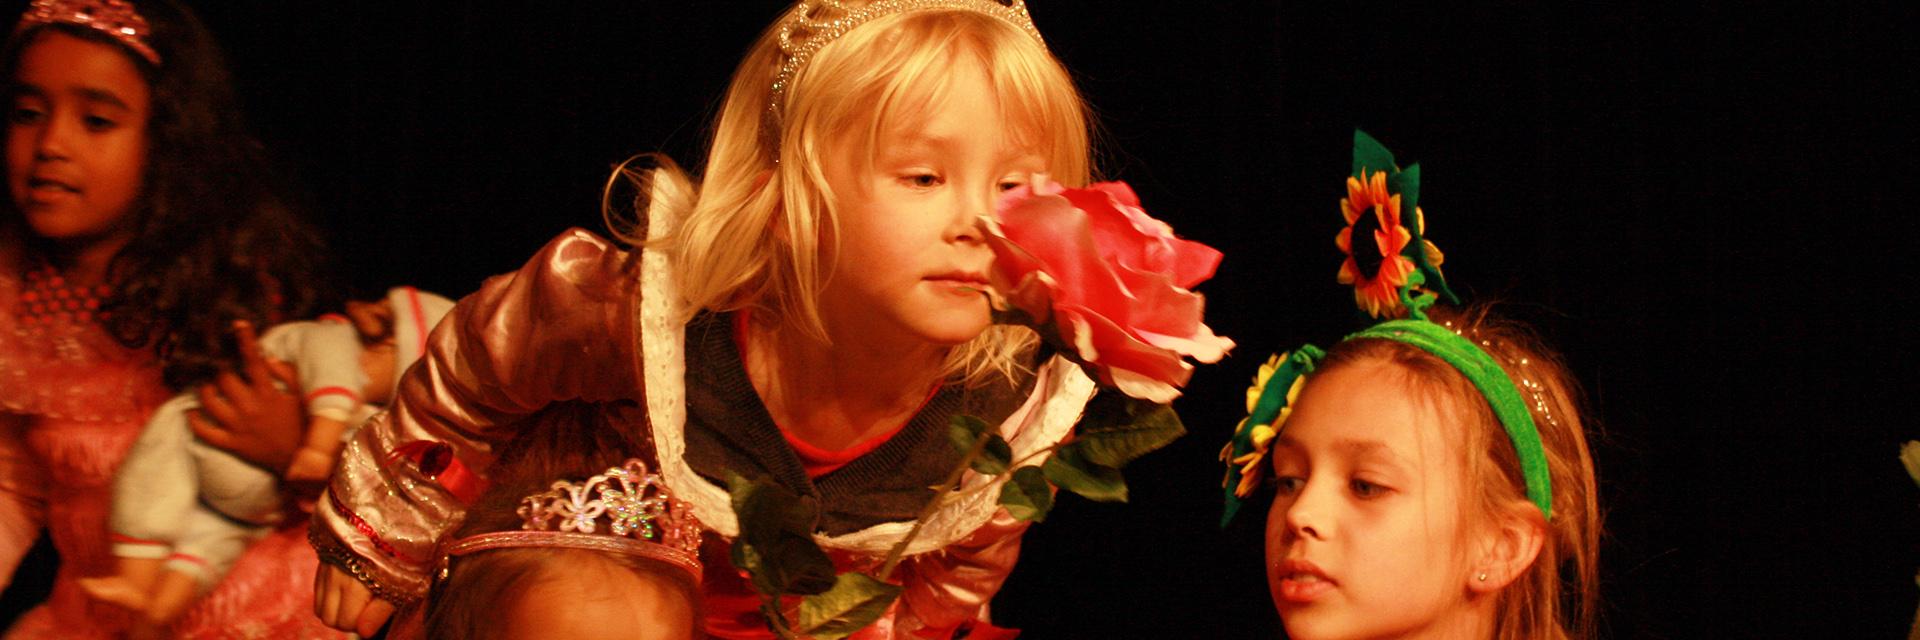 Kinder Spielen Theater Für Kinder Dornröschen Galli Theater Wiesbaden